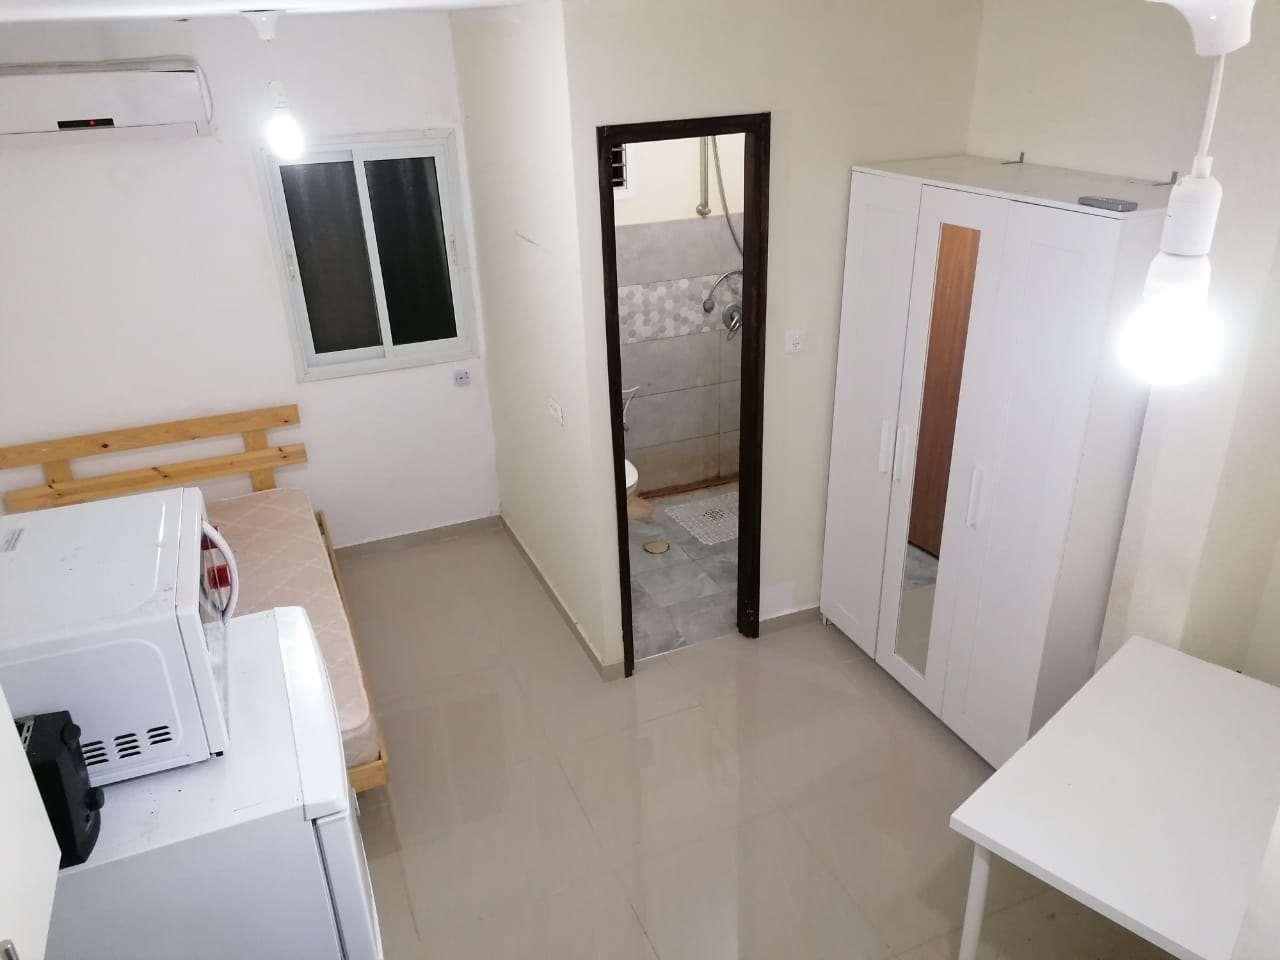 יחידת דיור להשכרה 1 חדרים בבאר שבע סנהדרין ד